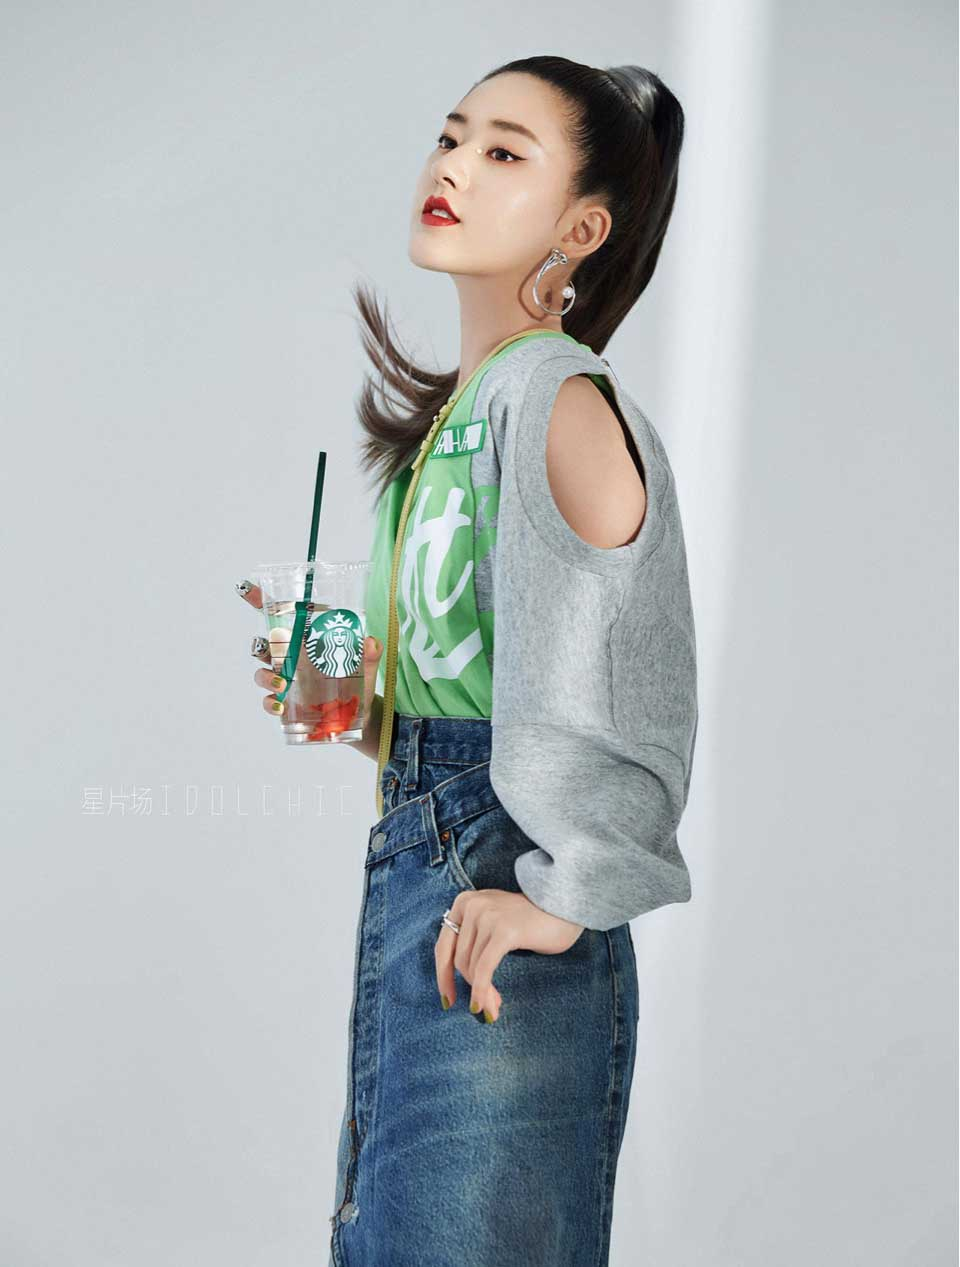 赵露思登时尚杂志封面 利落高马尾气场全开